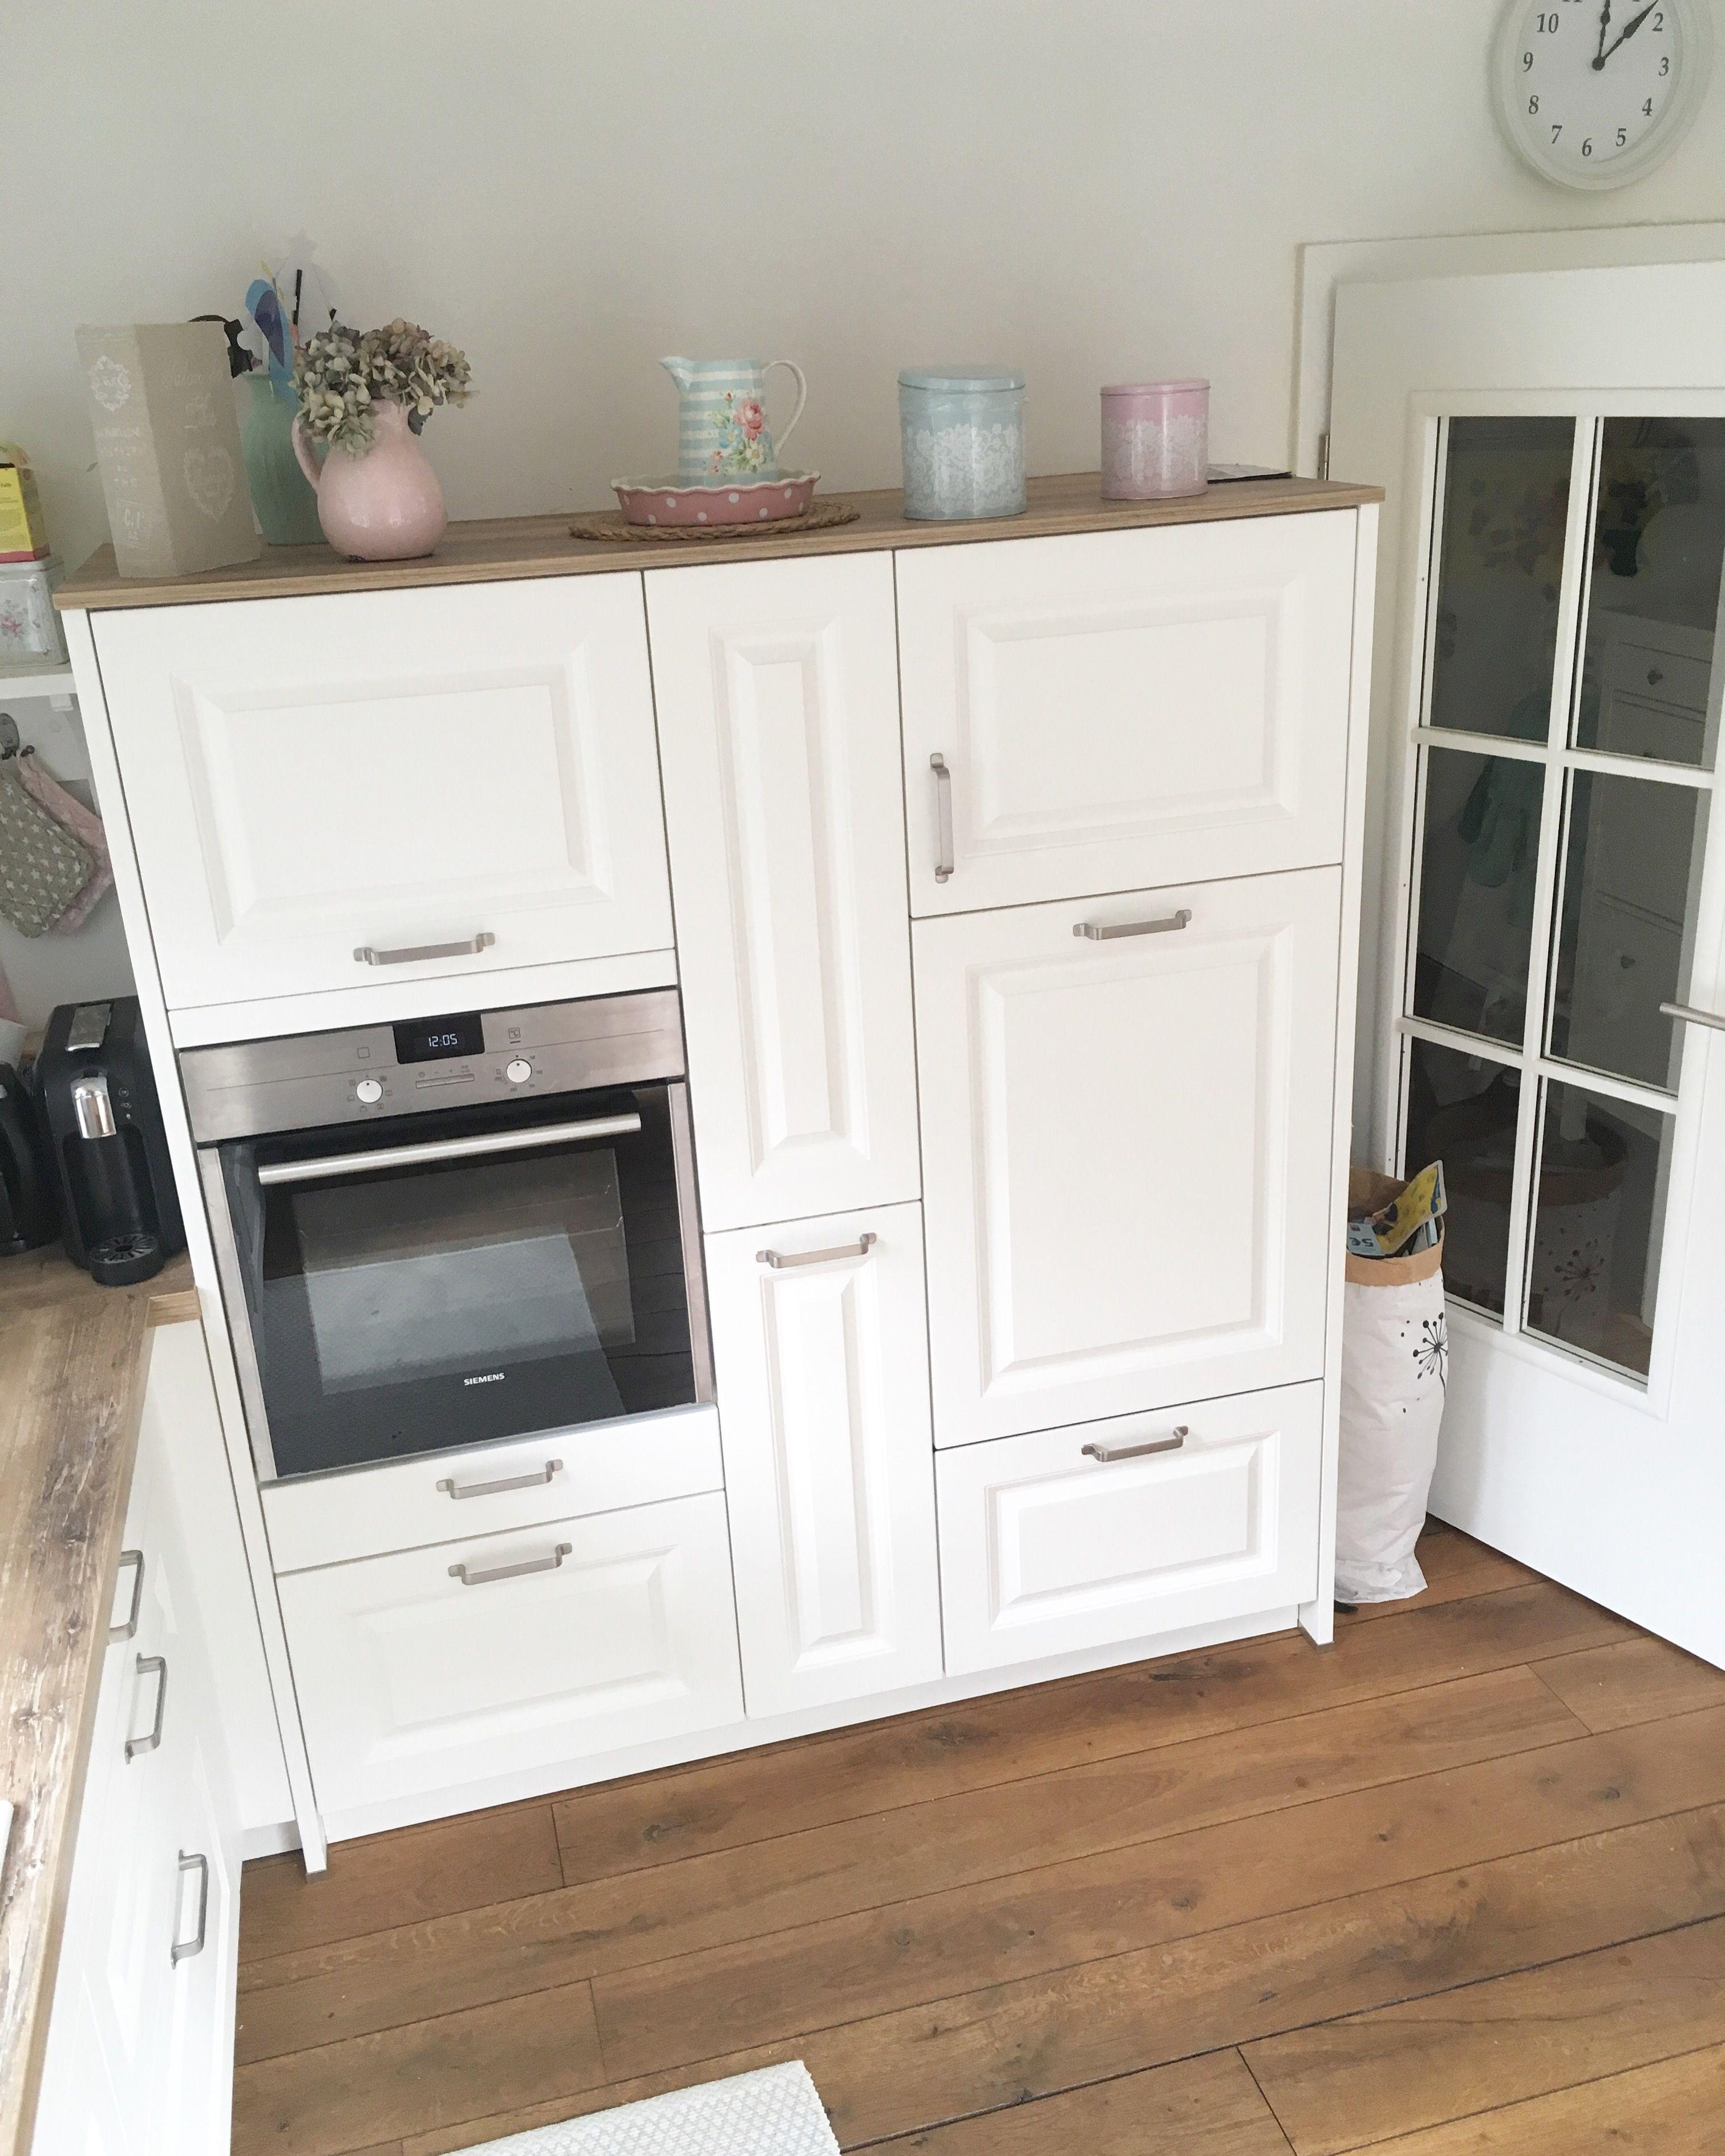 Kitchendreams- 10 Fakten über meine Küche - Fräulein Emmama ...